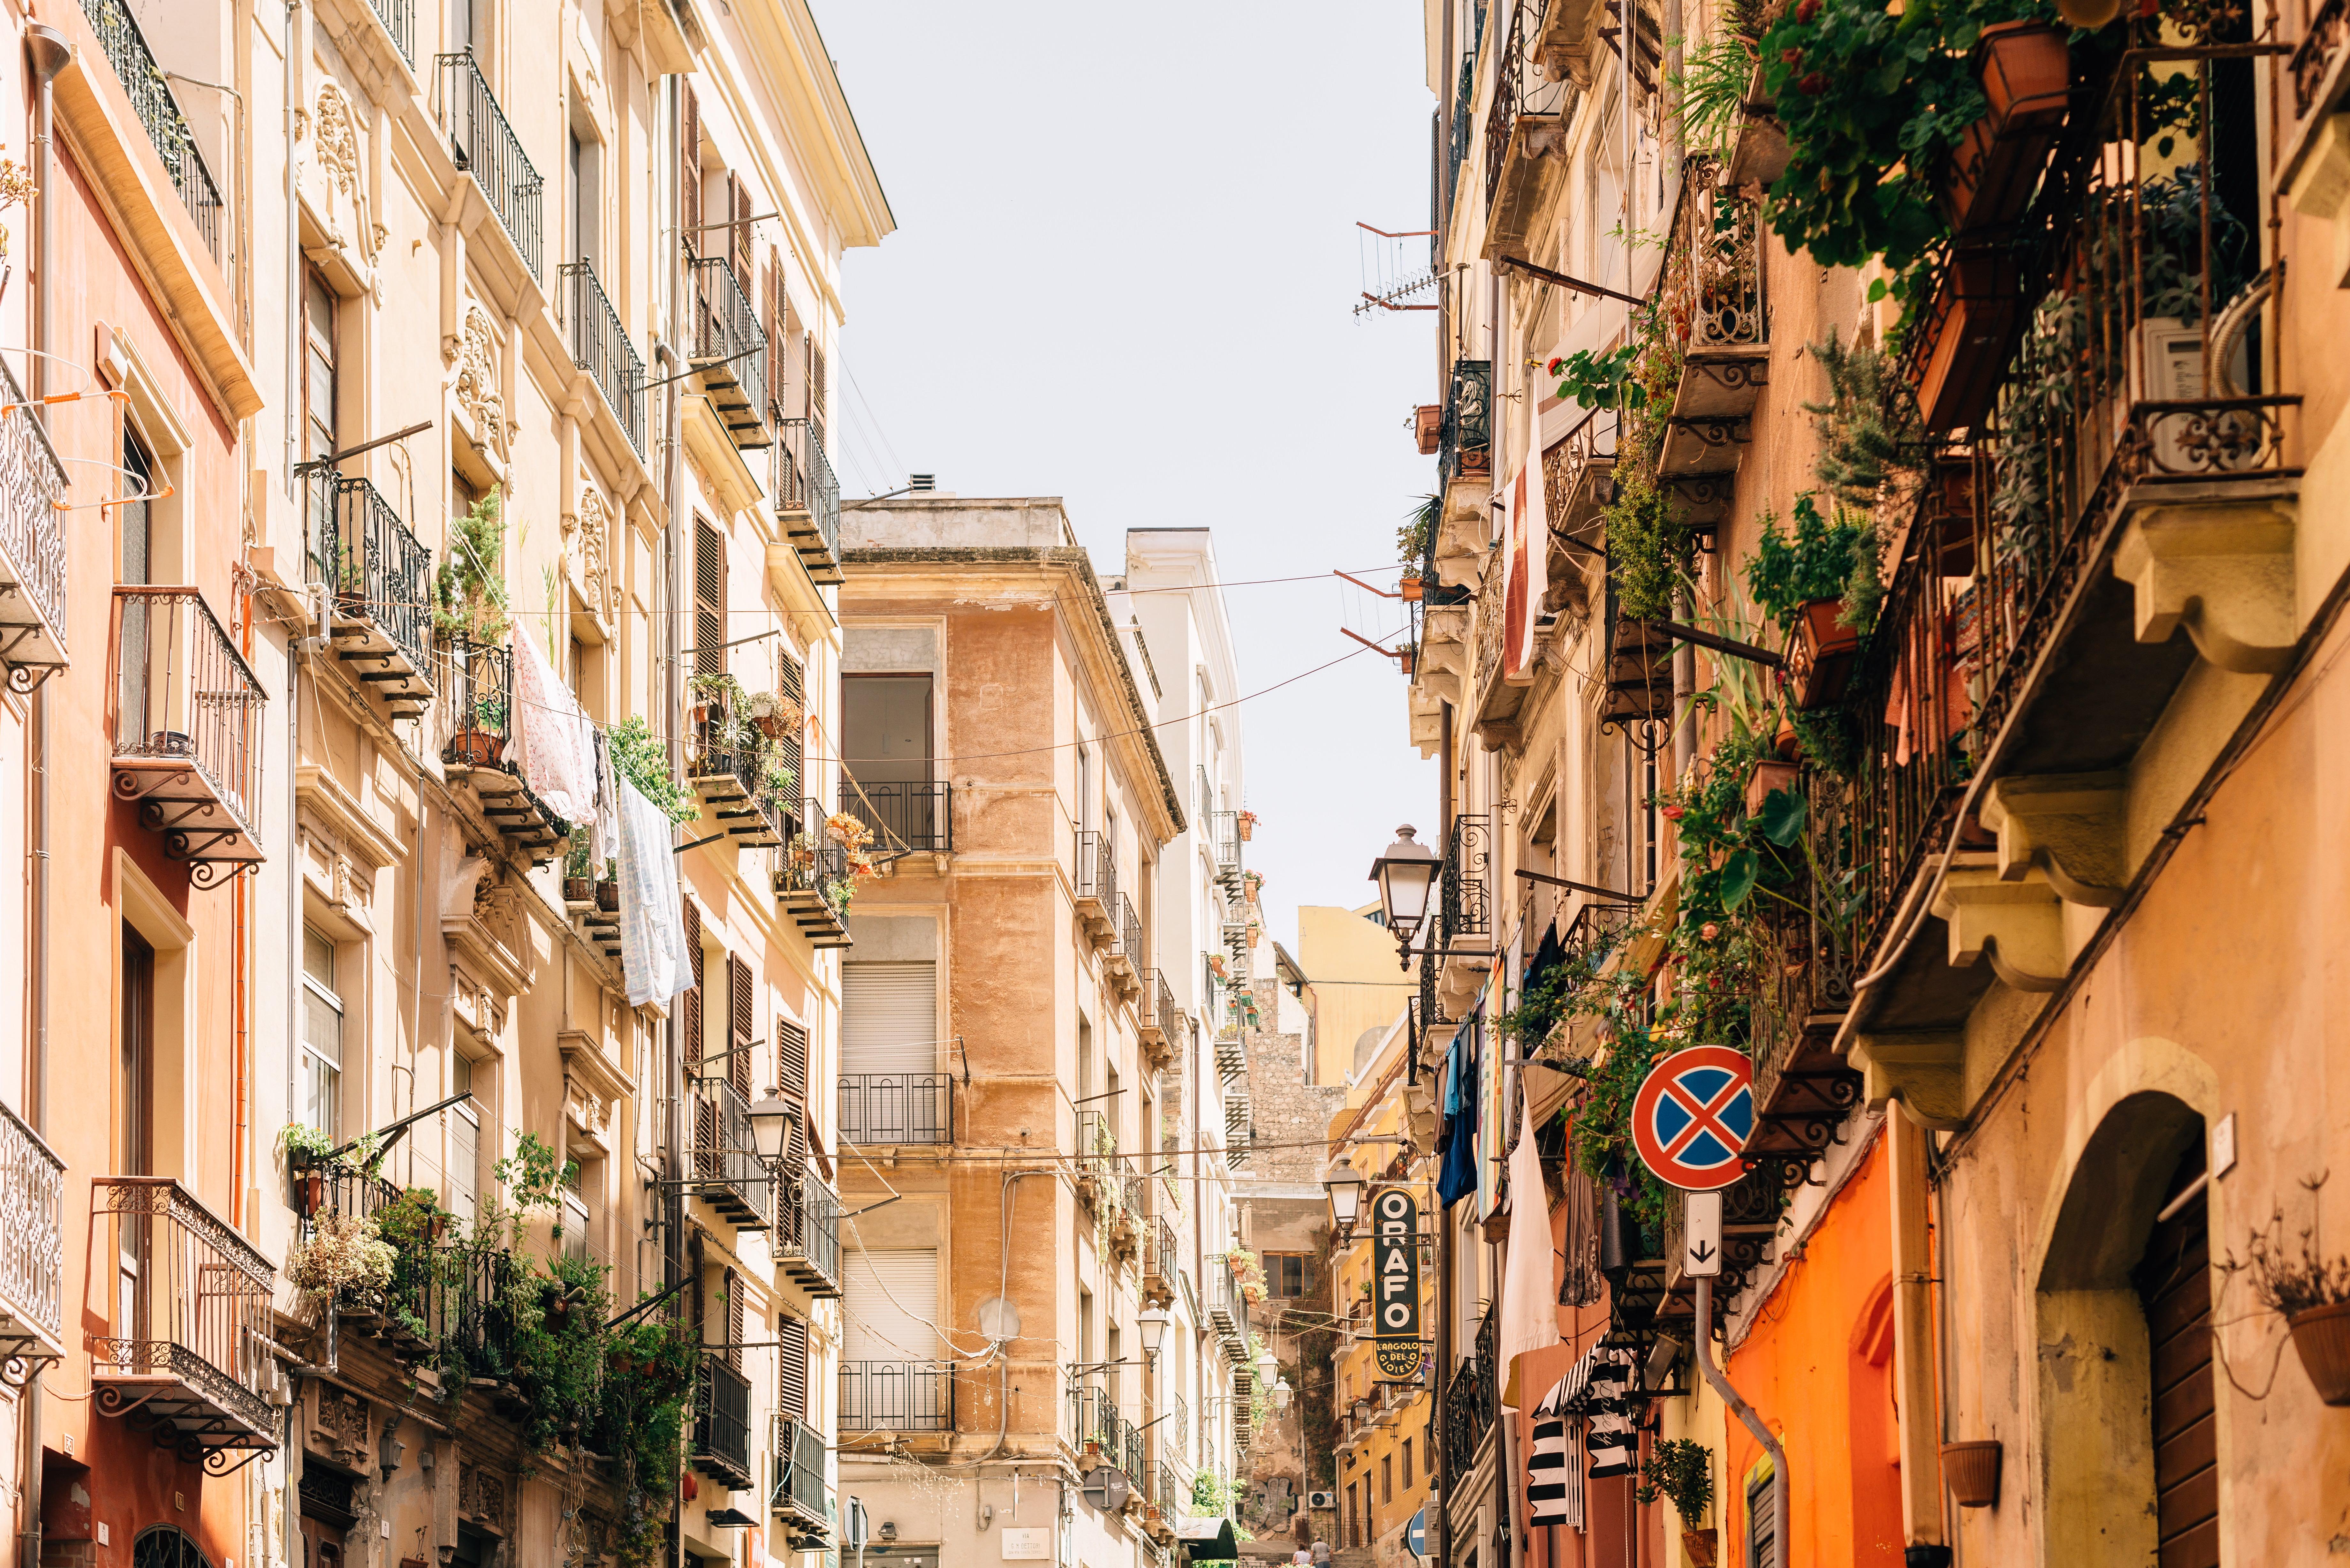 Alquiler de apartamentos en madrid baratos particulares - Alquiler de pisos en madrid baratos ...